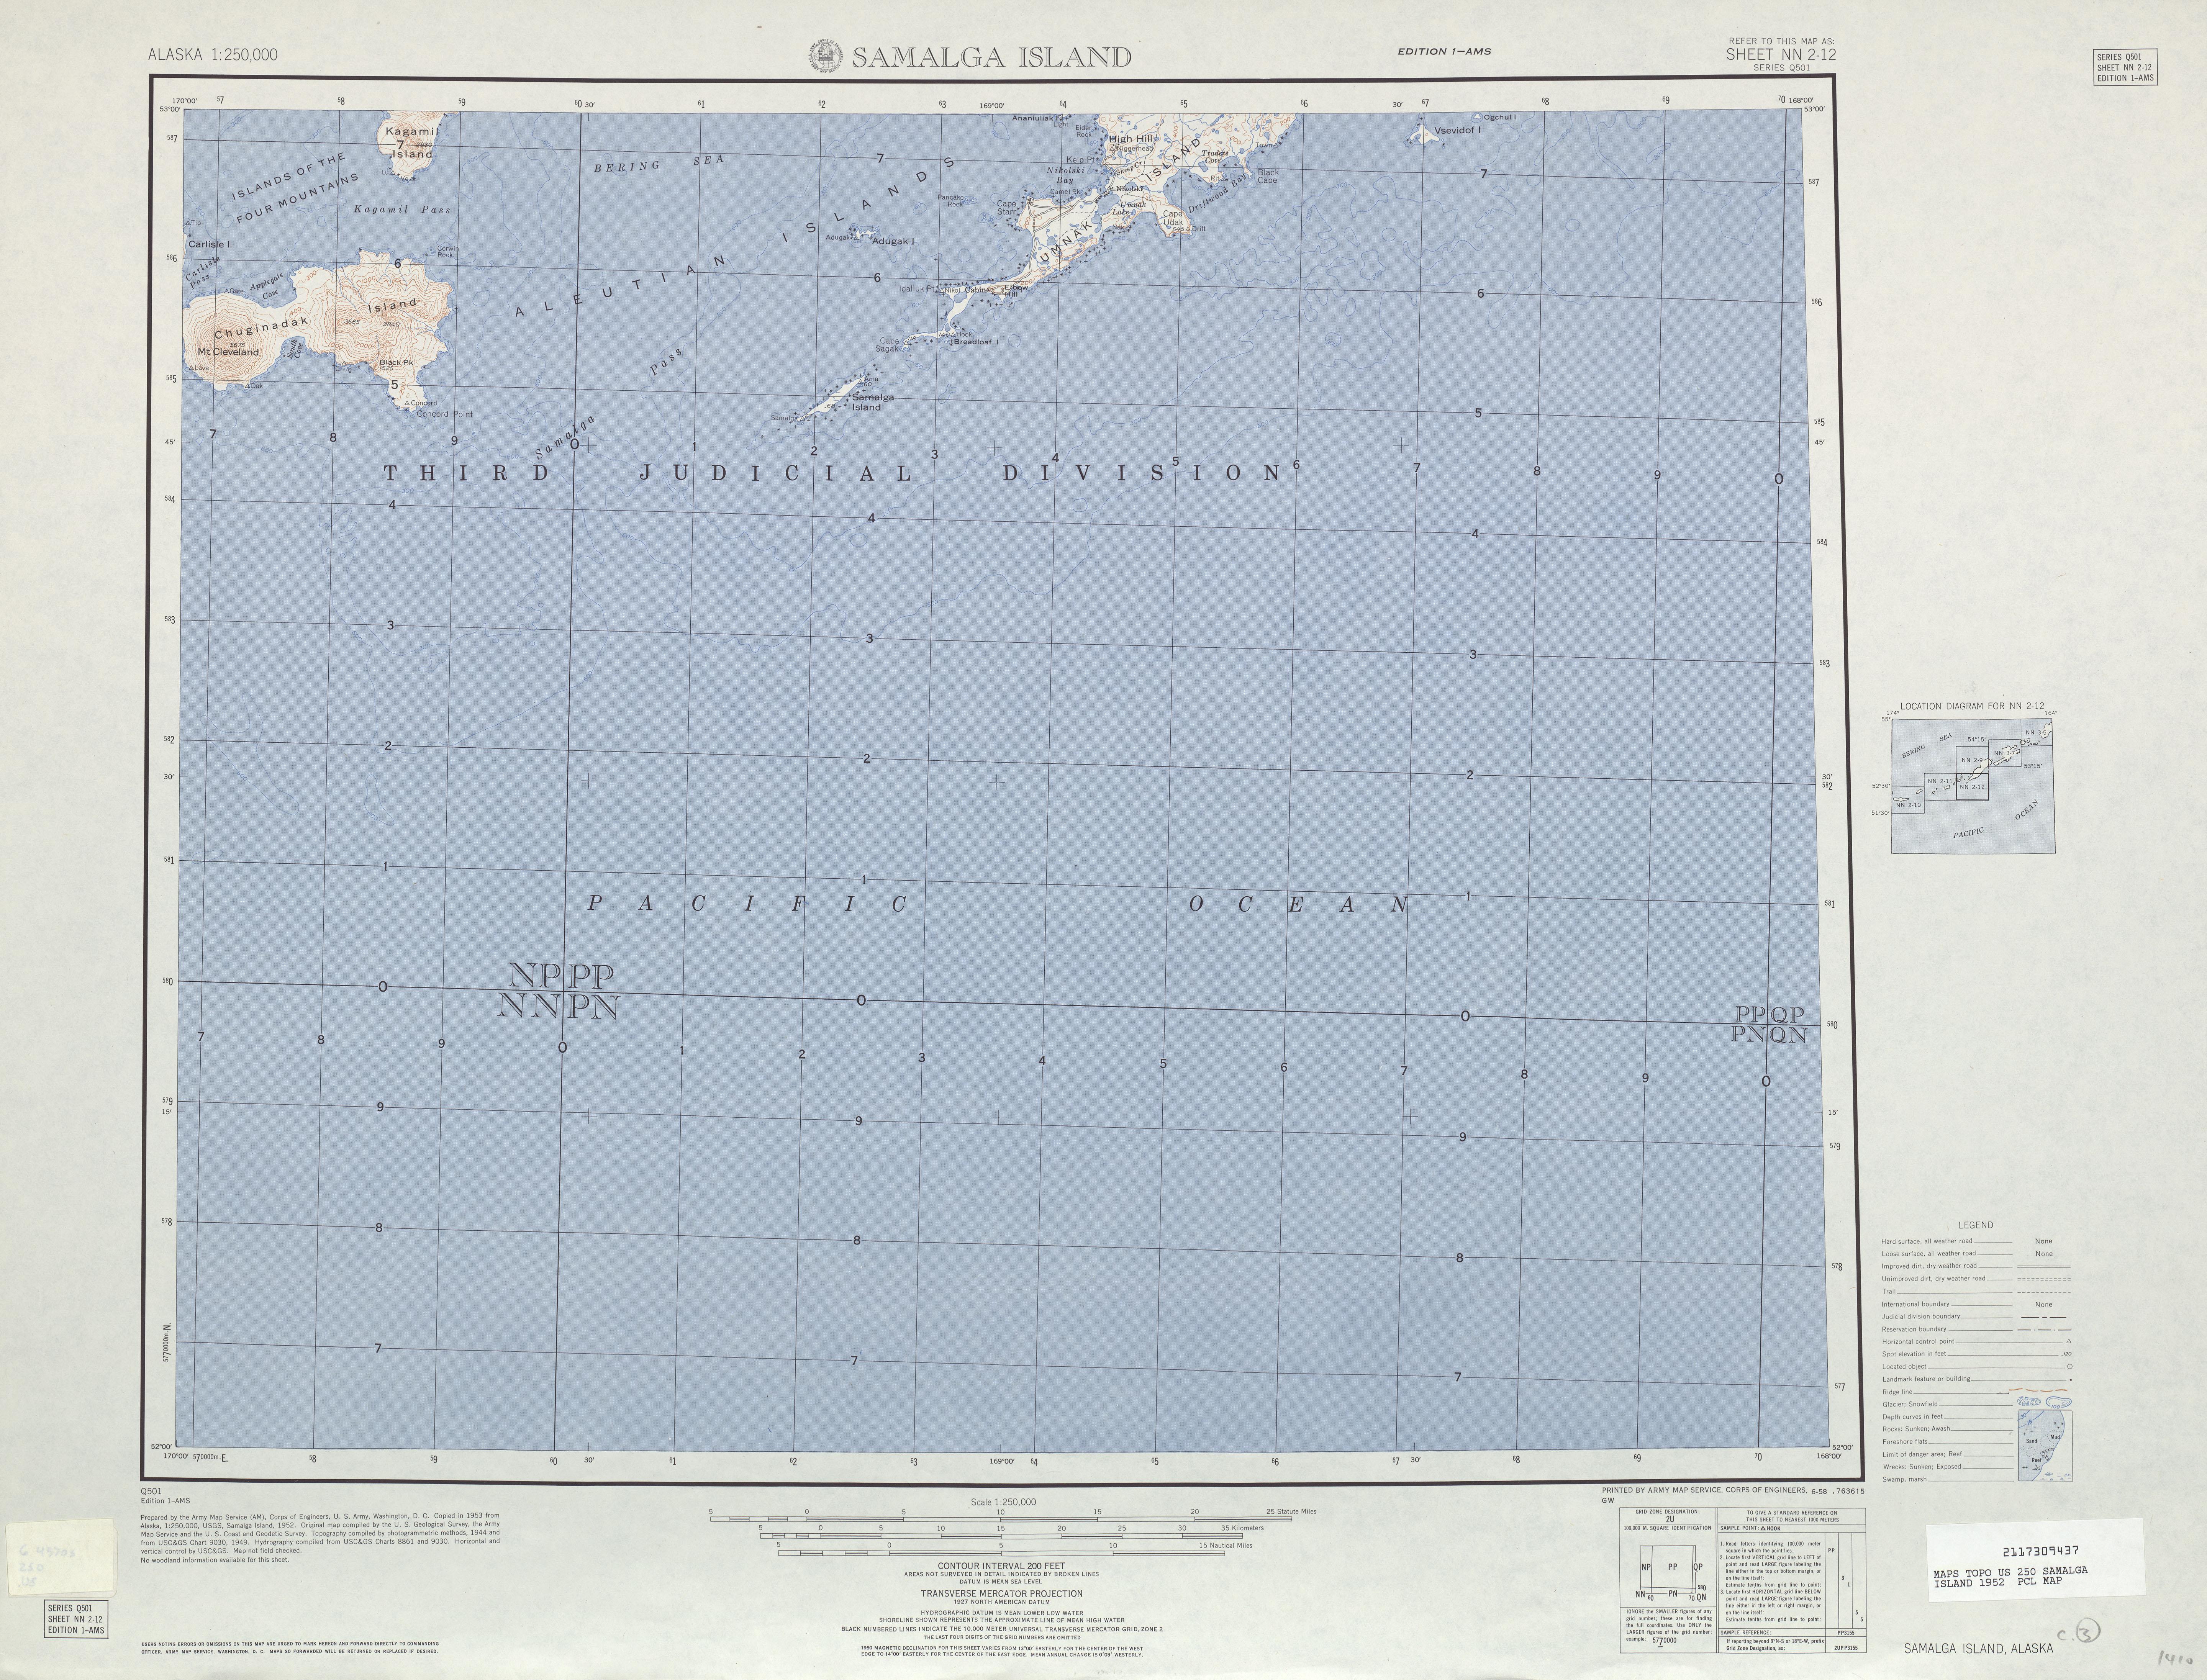 Hoja Samalga Island del Mapa Topográfico de los Estados Unidos 1952